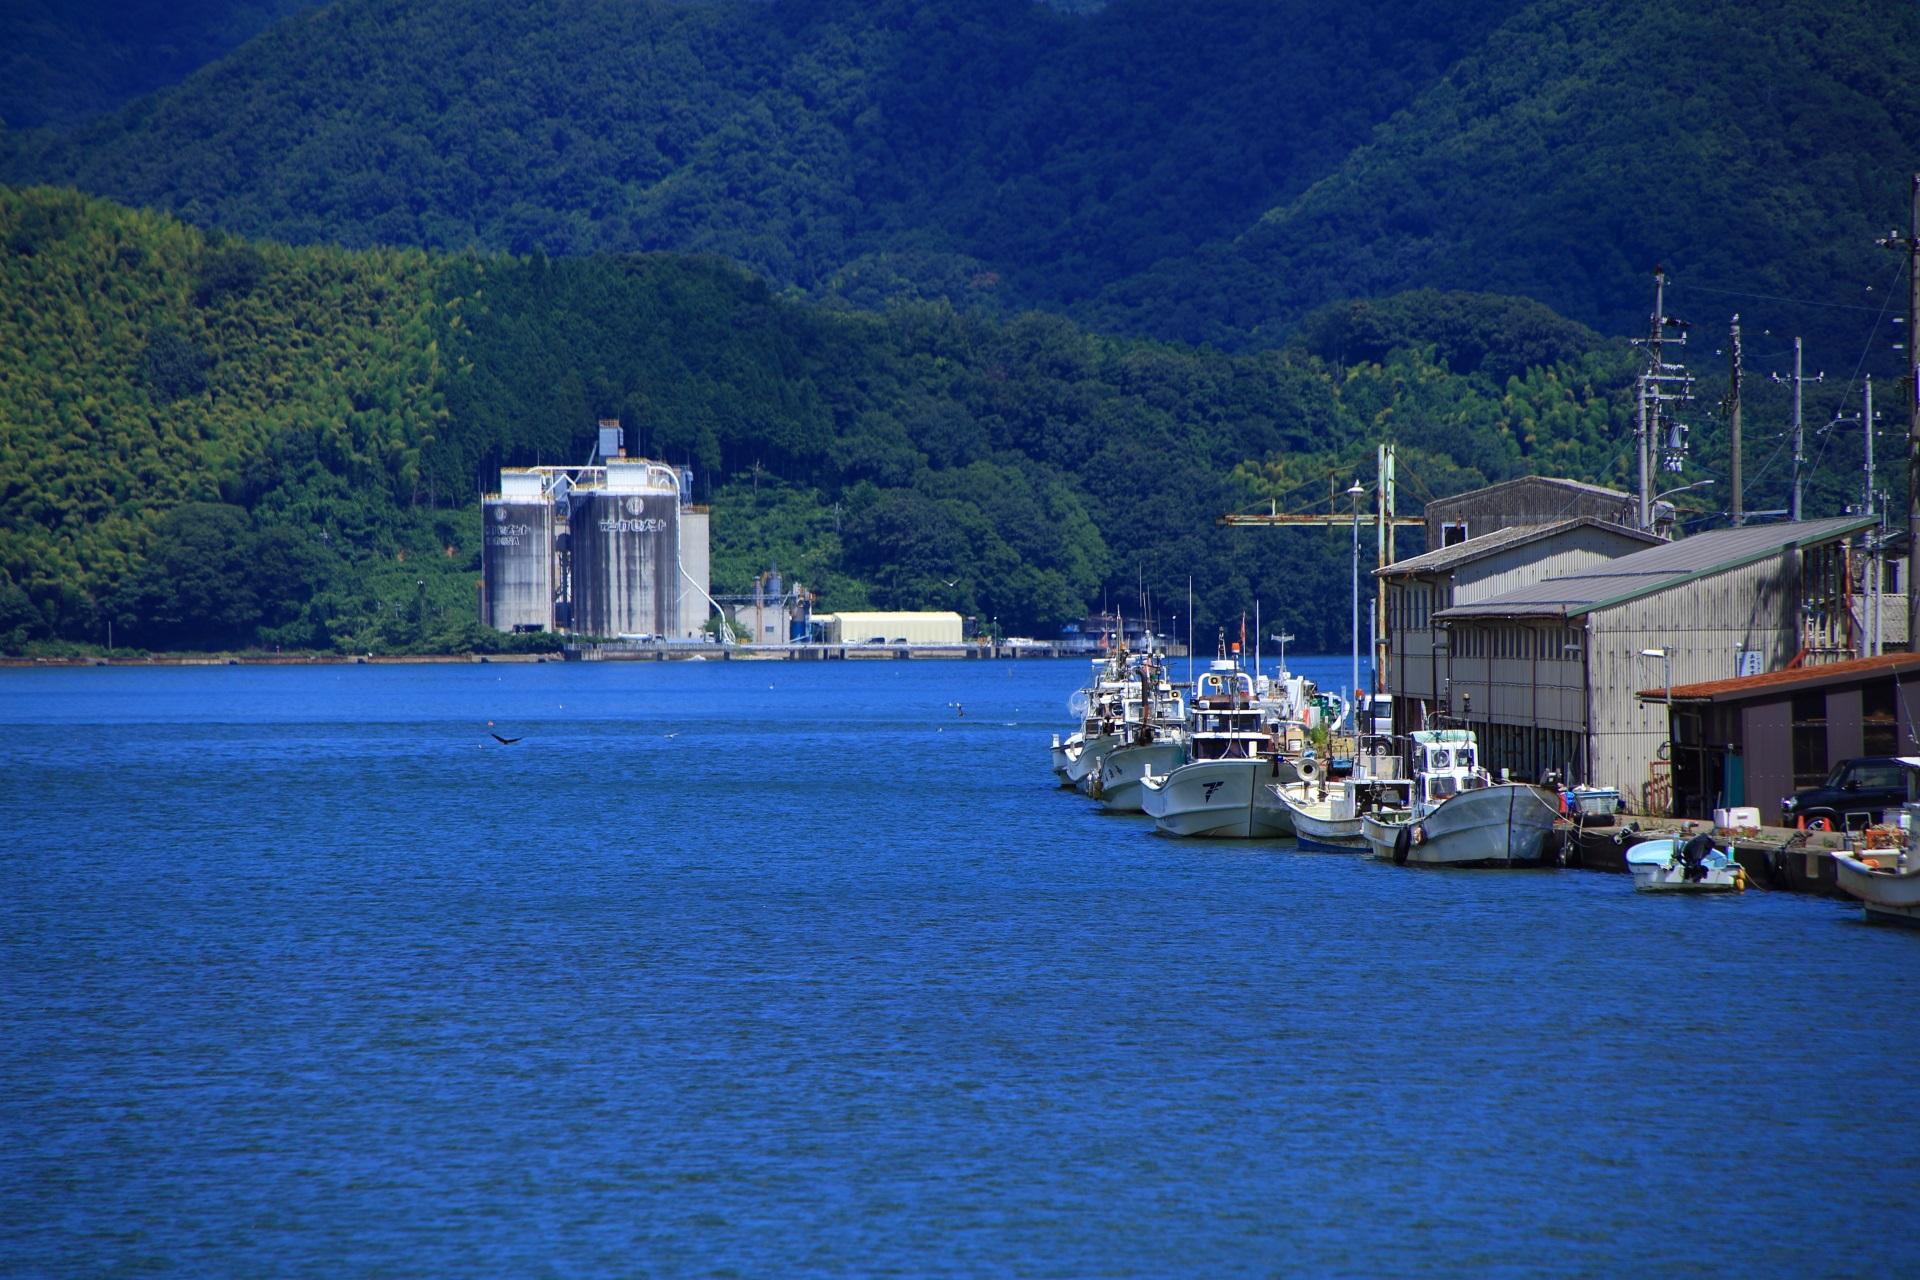 川岸には漁船が並ぶ舞鶴の伊佐津川